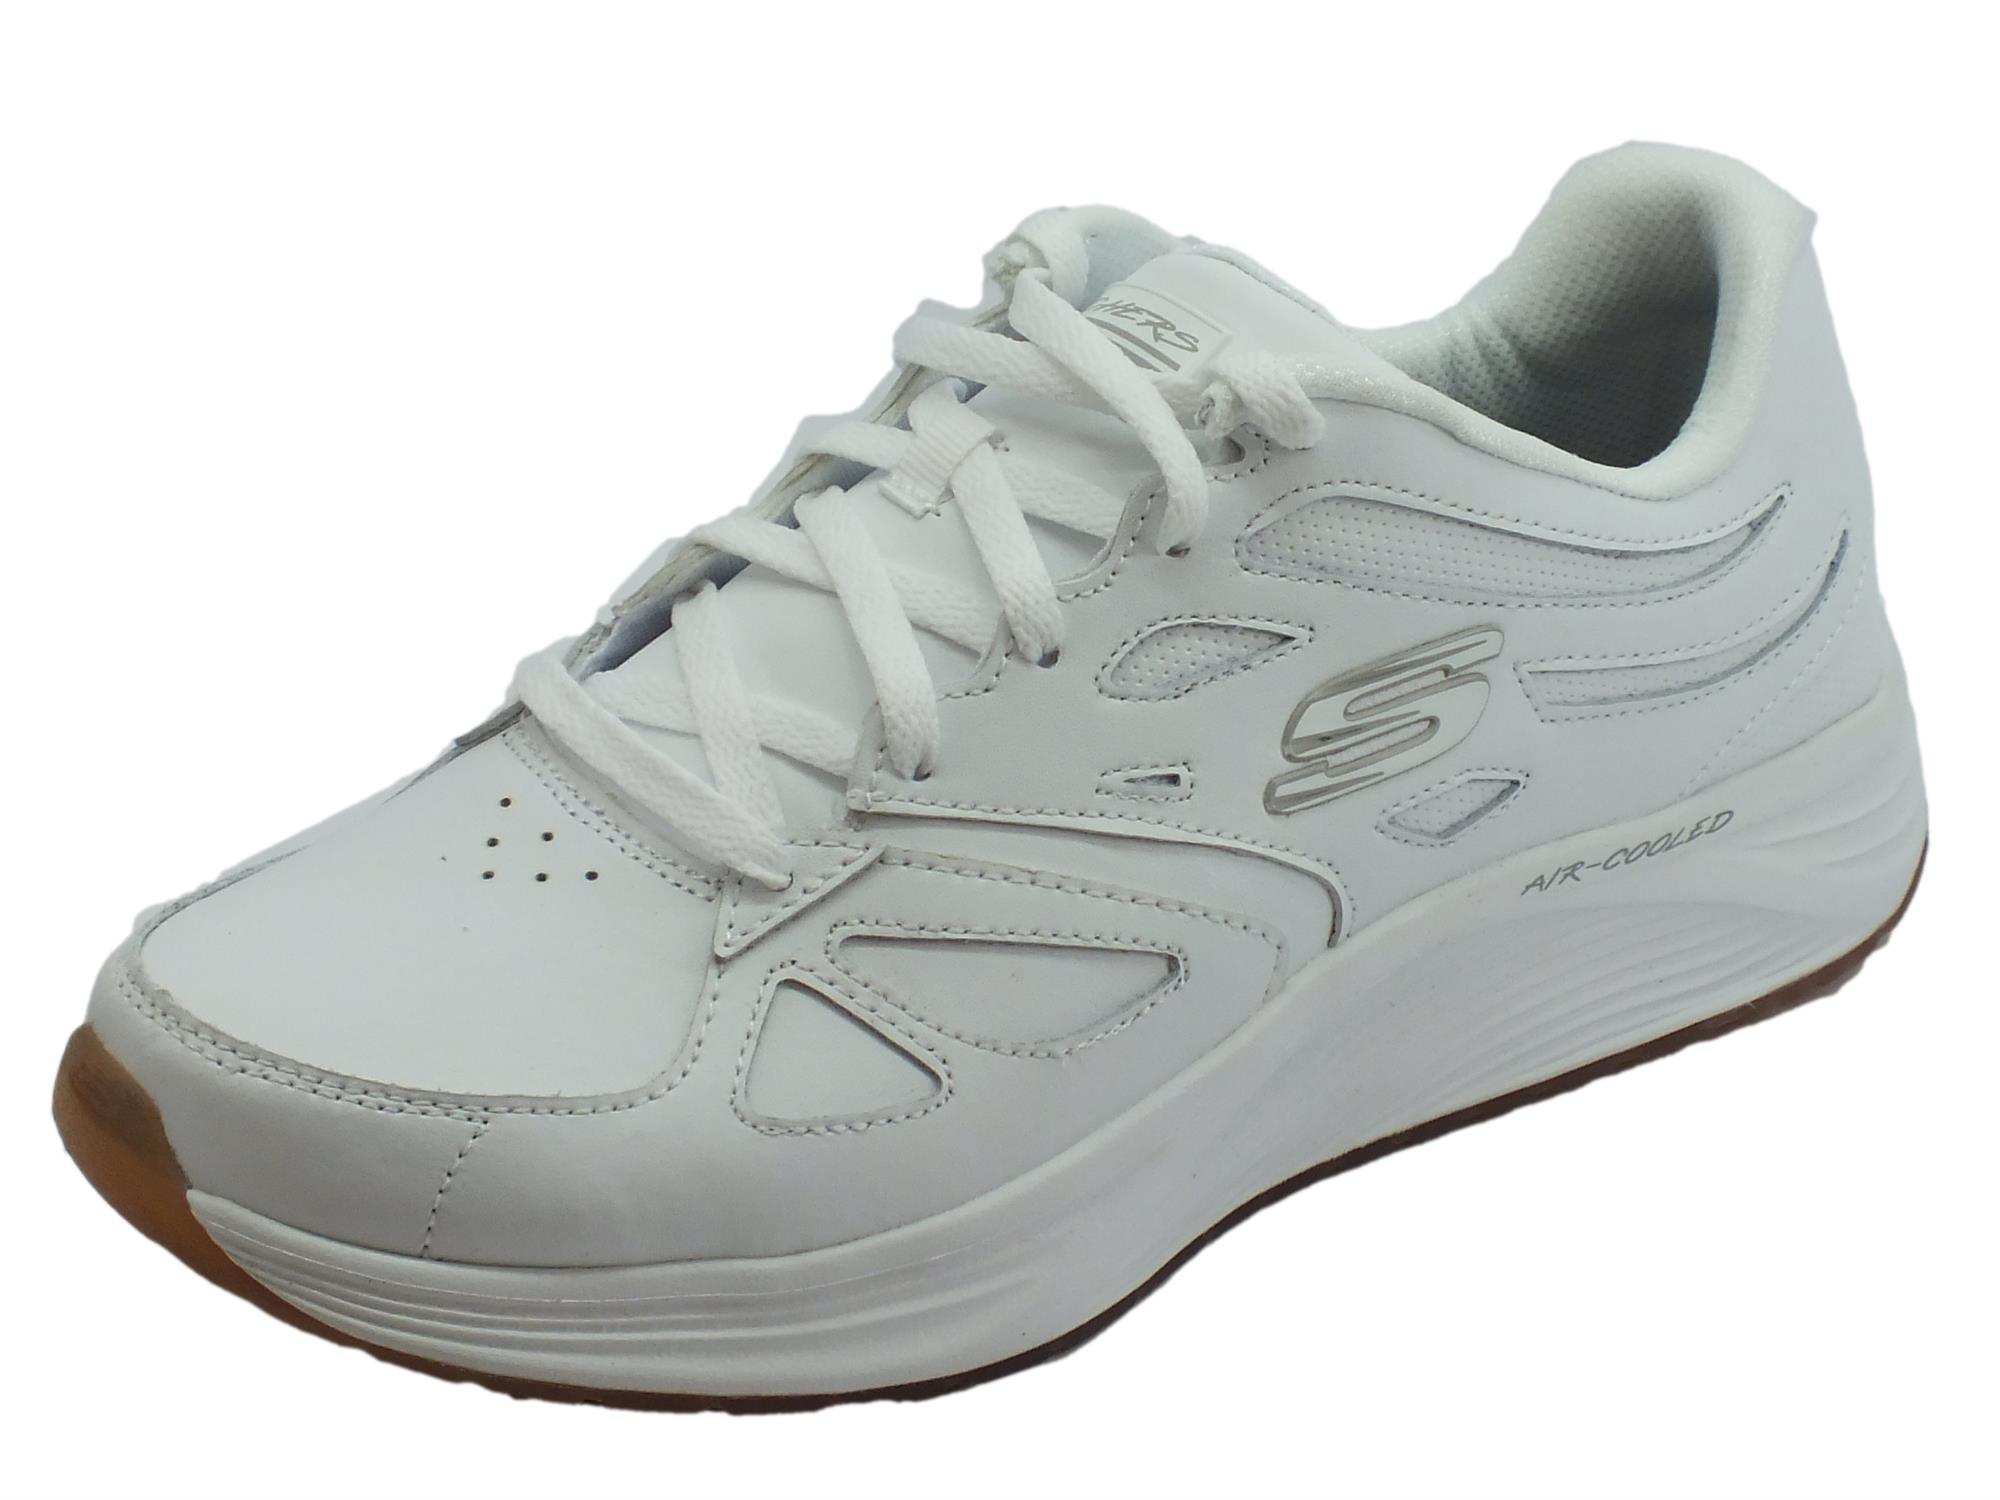 Skechers Skyline Woodmist White scarpe sportive uomo in pelle bianca 8d04a1416f6